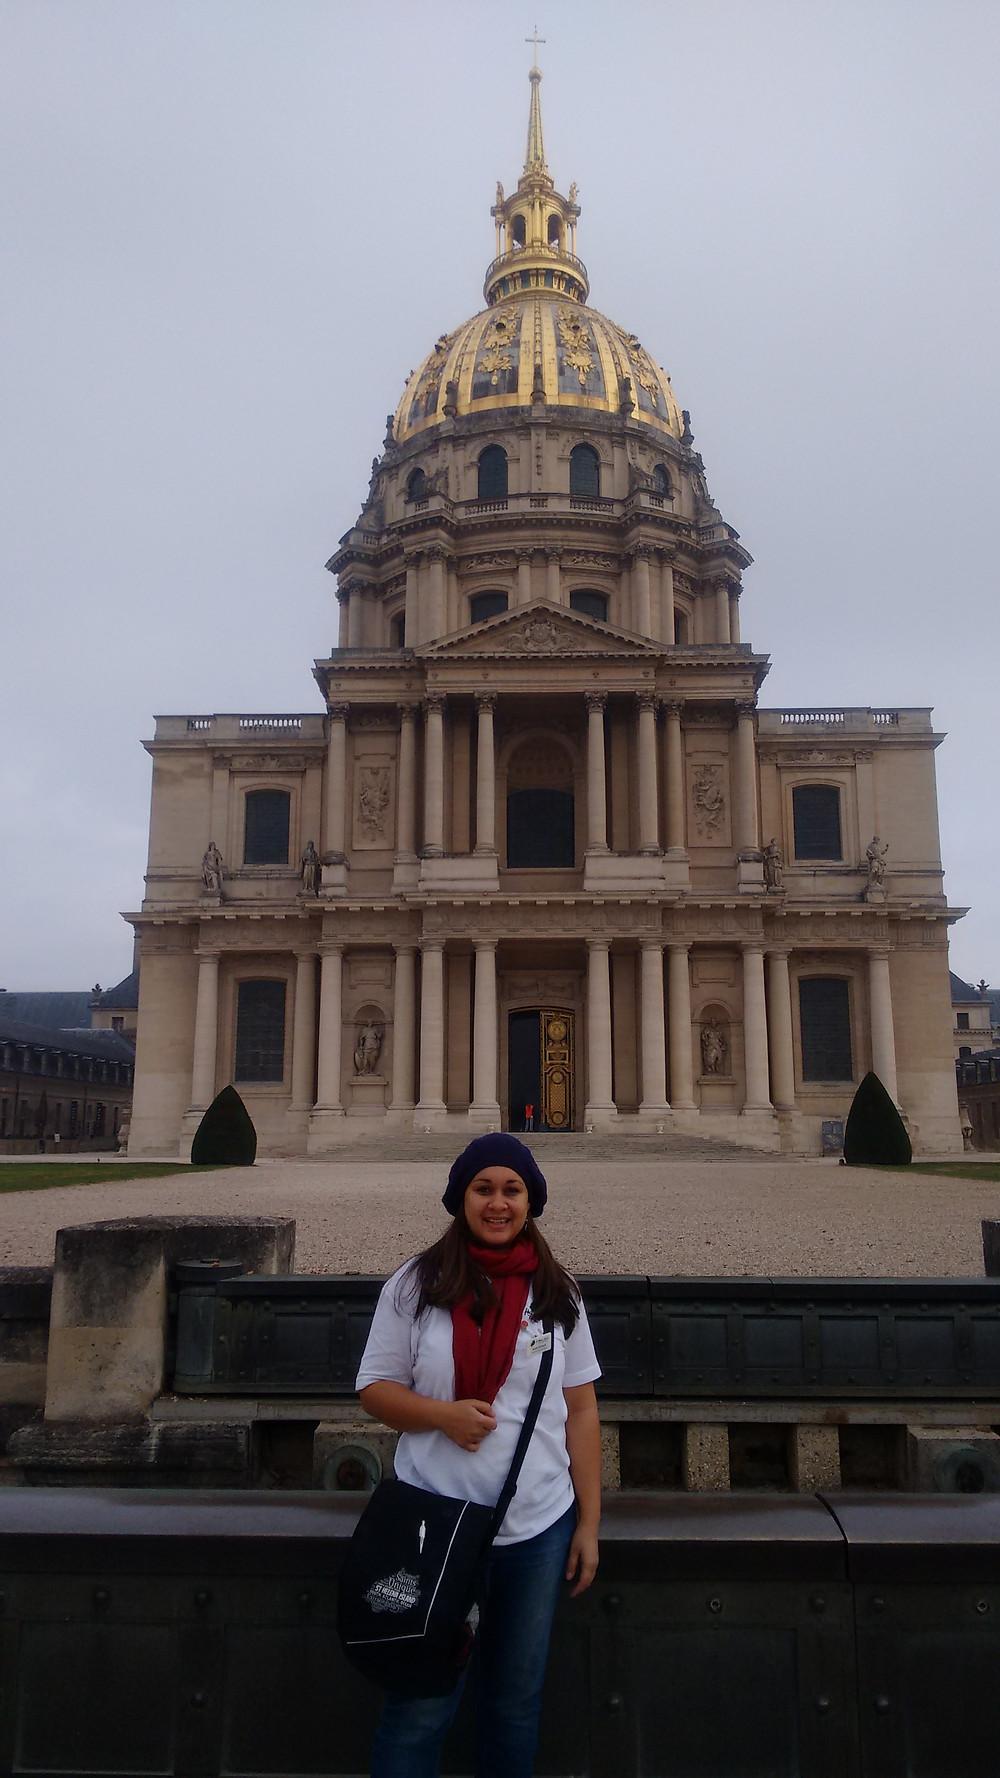 Outside the Musée de l'Armée 2017